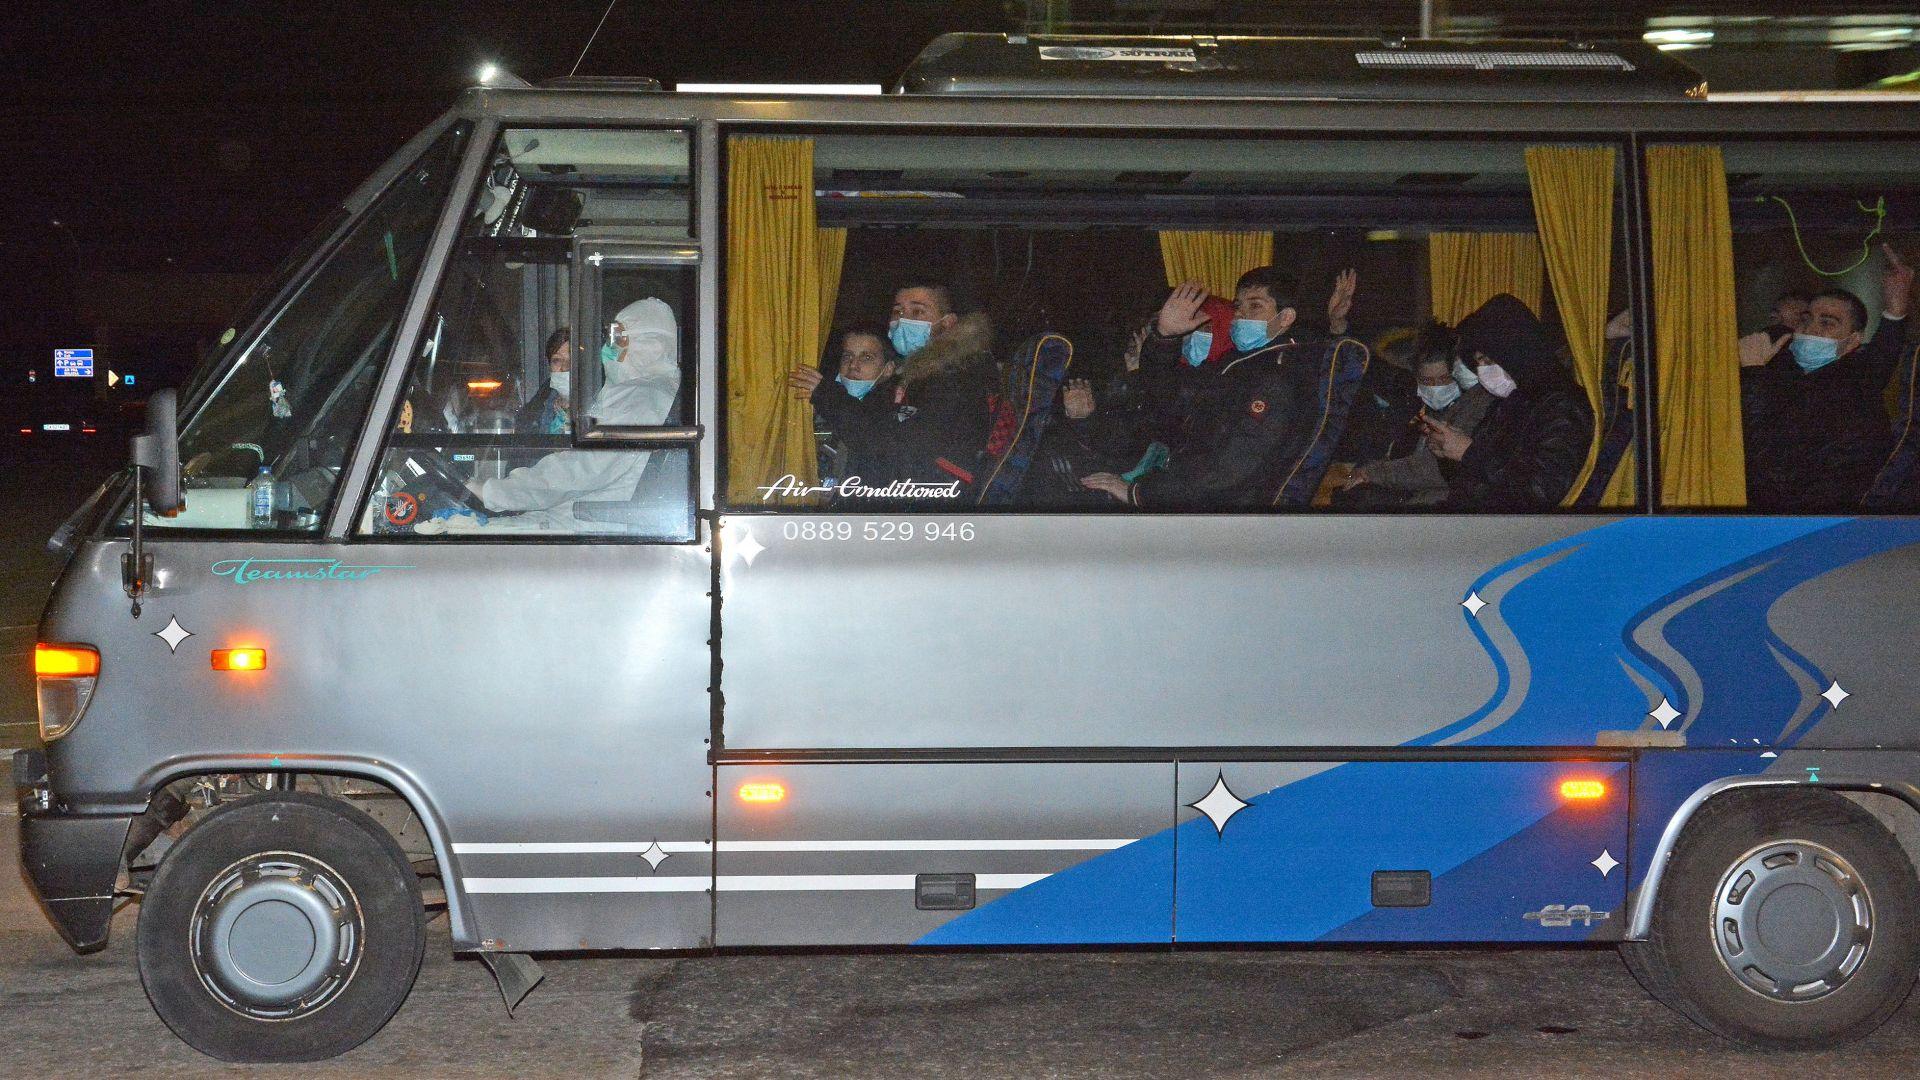 Учениците и преподавателите, транспортирани от Италия, са в добро здравe